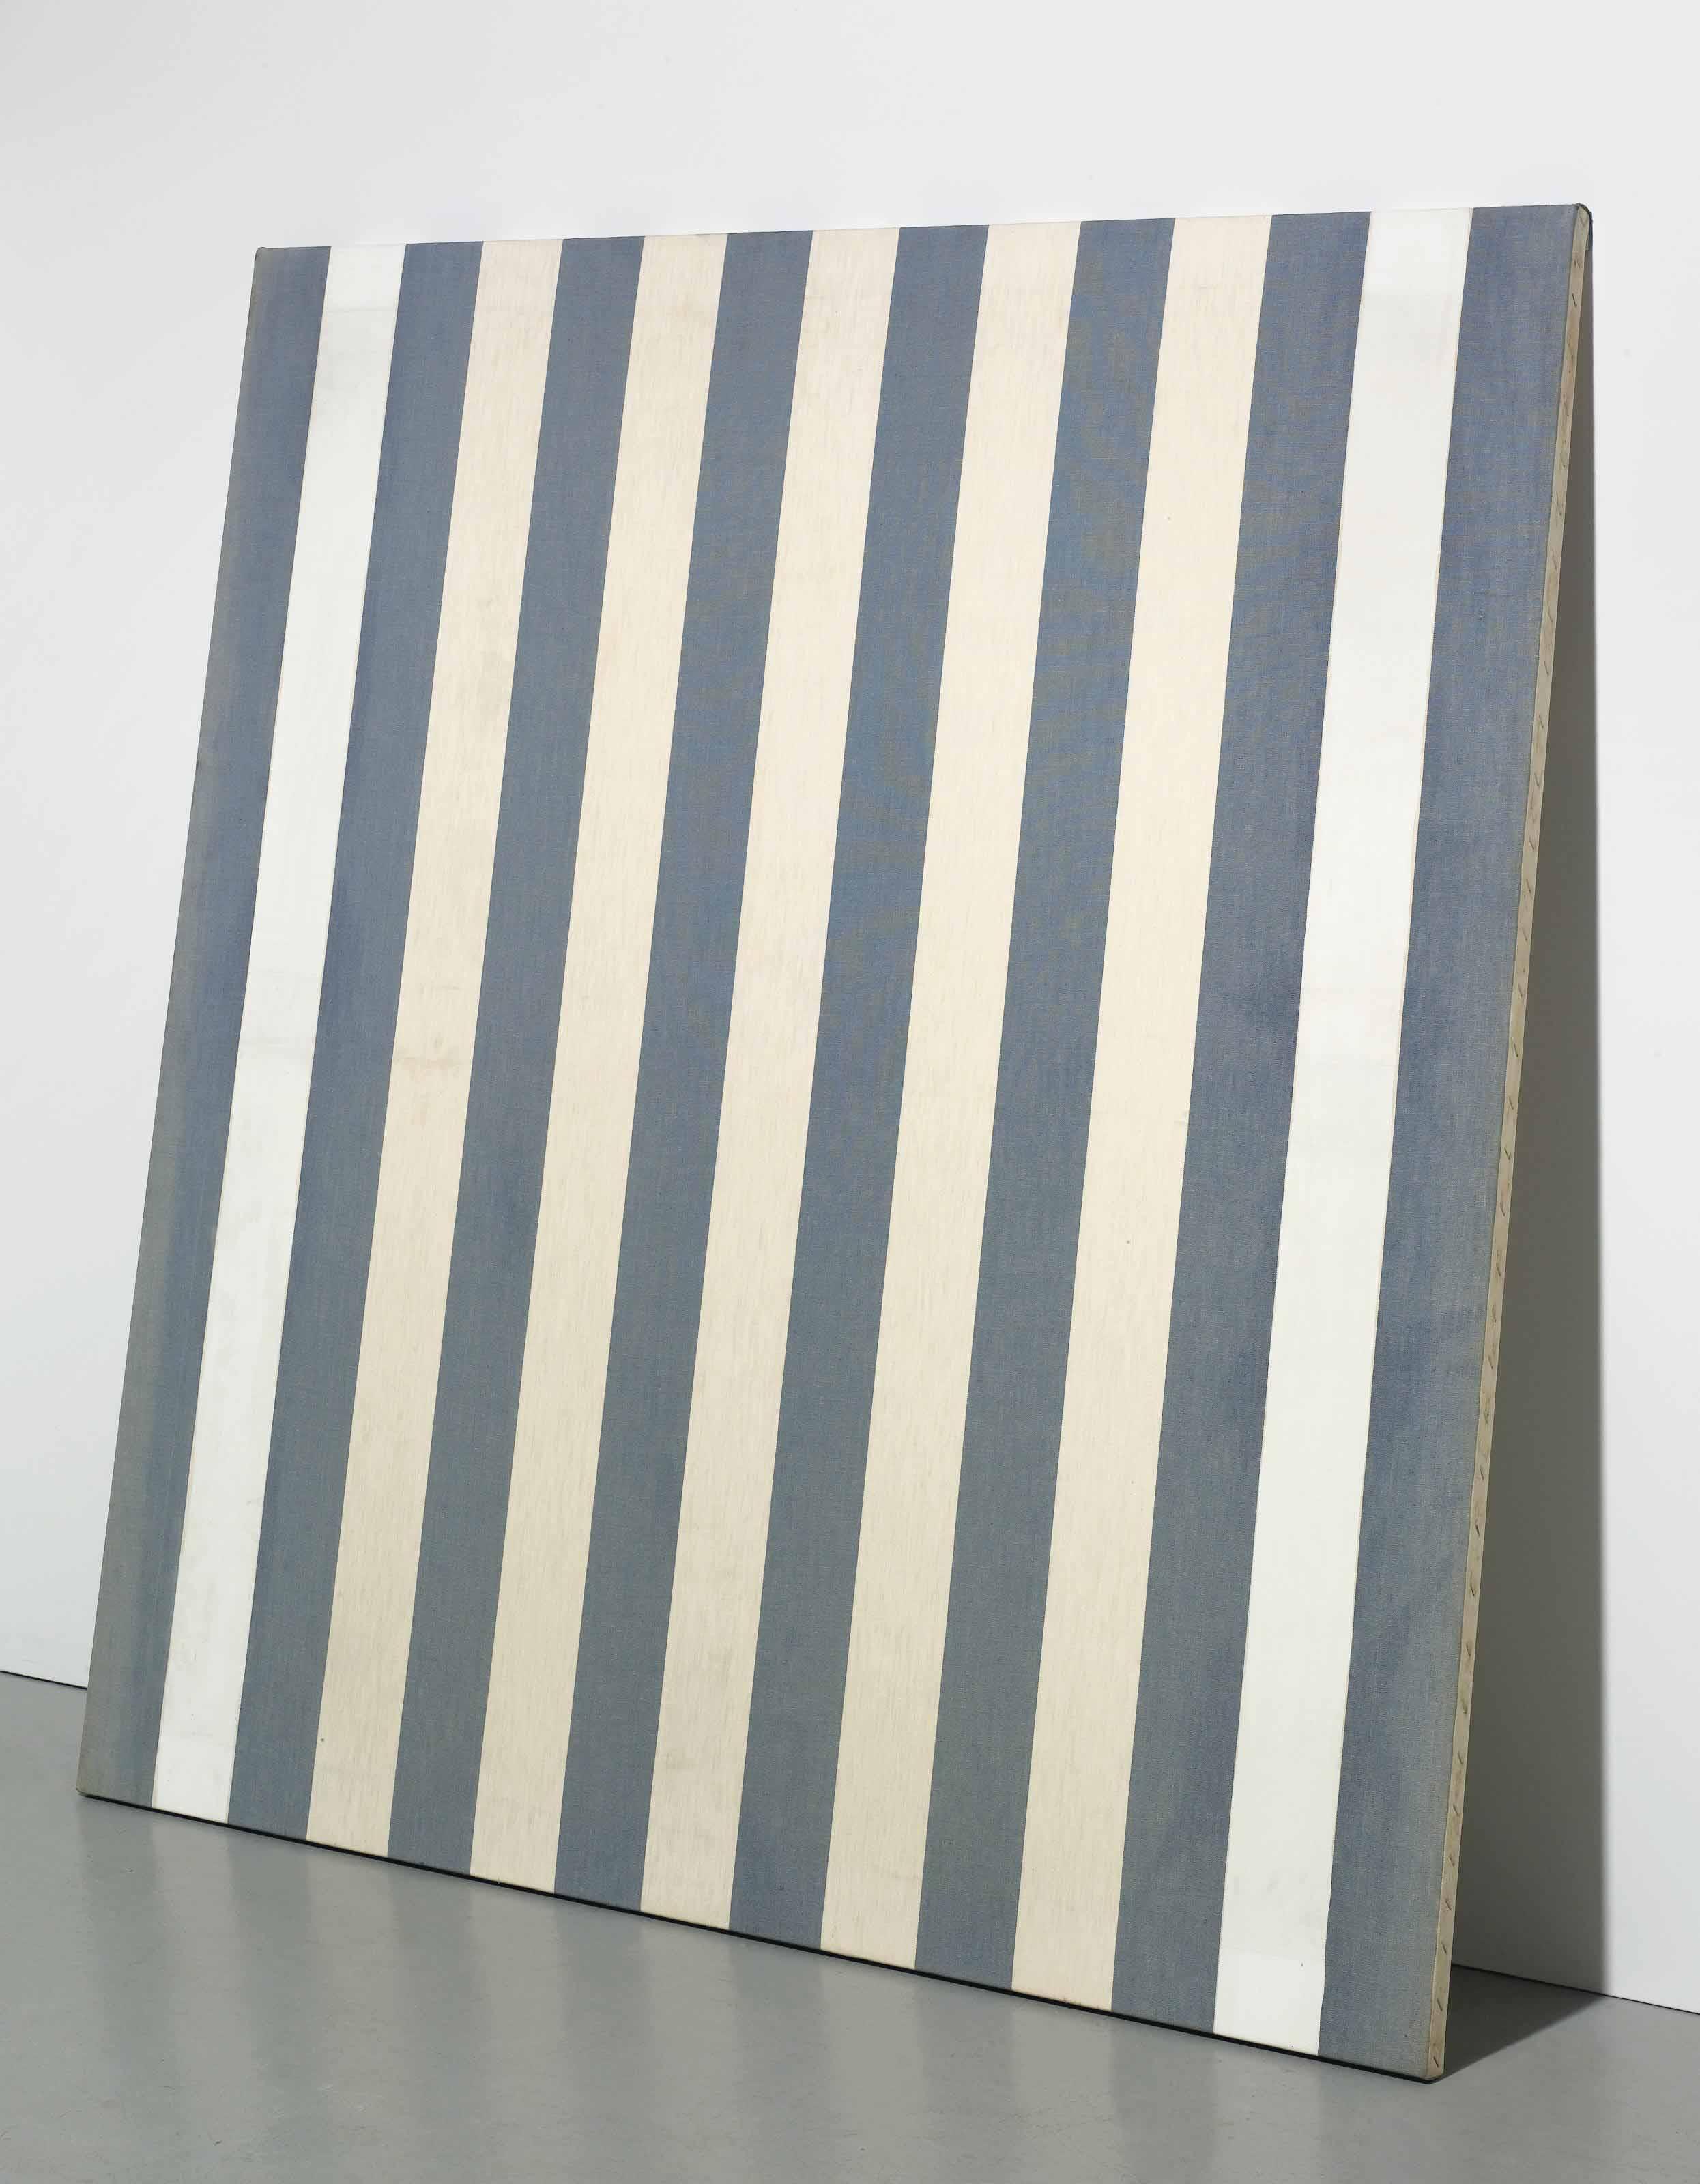 daniel buren n en 1938 peinture acrylique blanche sur tissu ray blanc et bleu christie 39 s. Black Bedroom Furniture Sets. Home Design Ideas